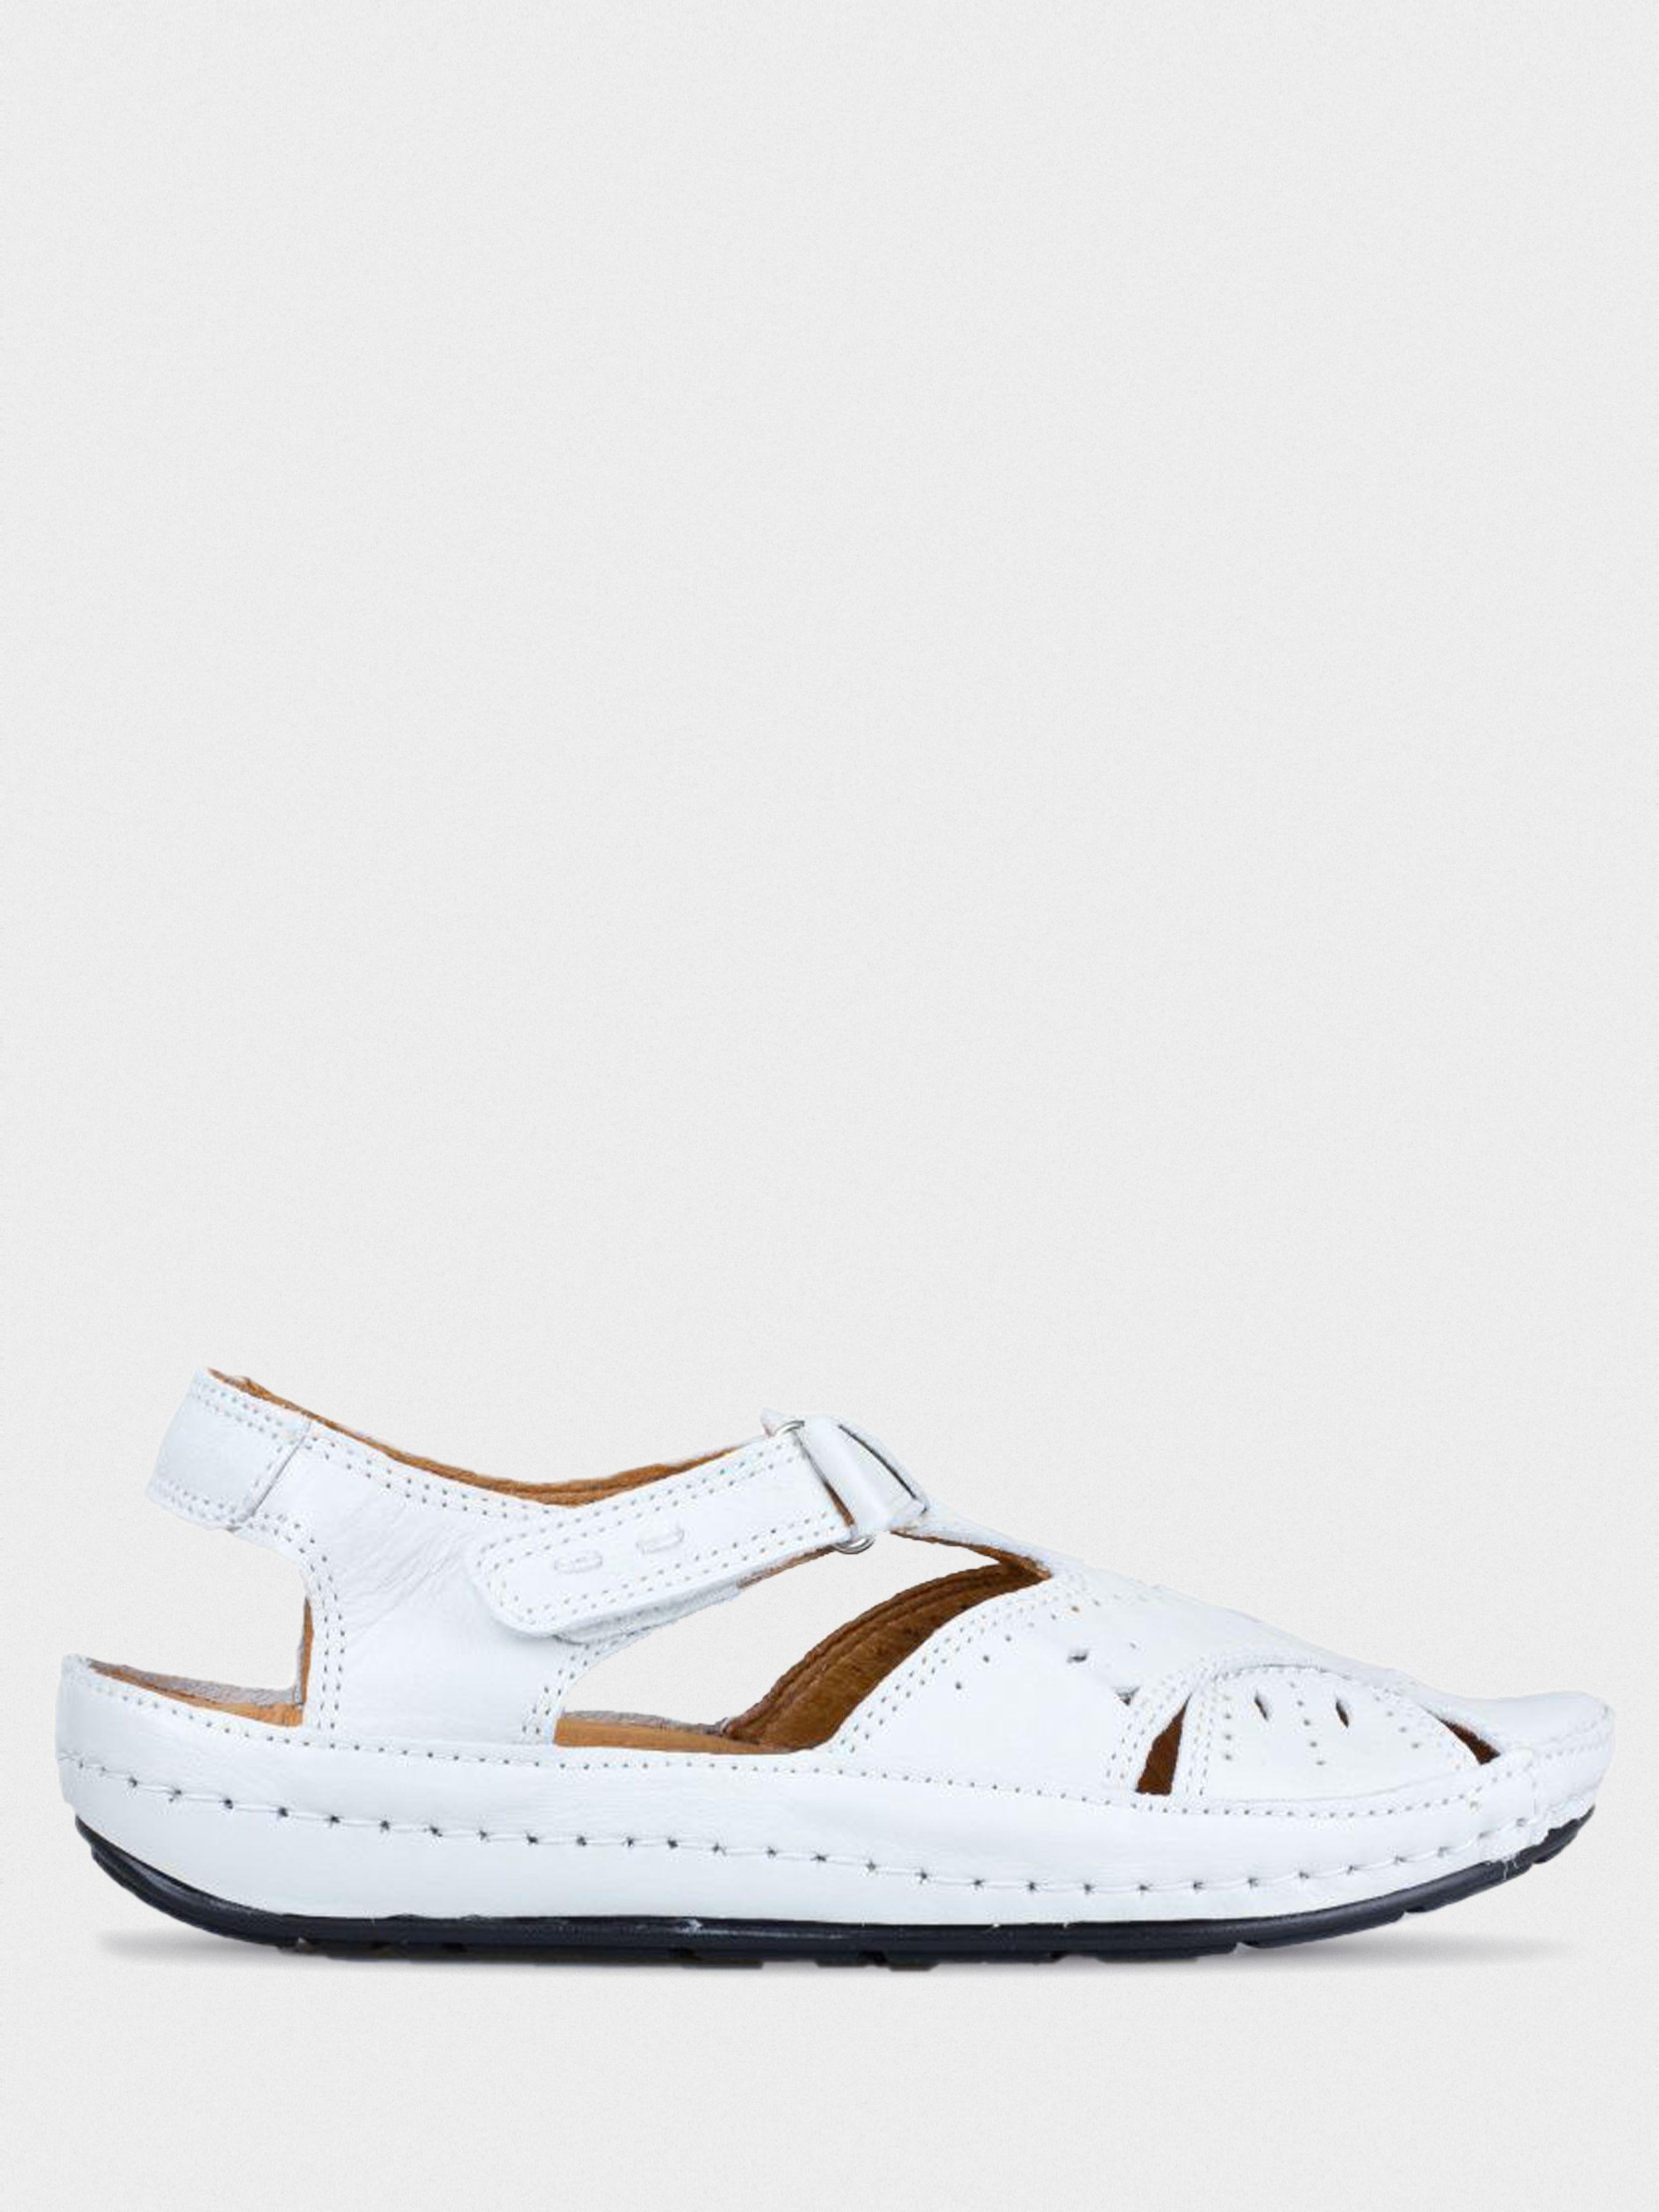 Купить Сандалии женские Filipe Shoes UZ45, Белый